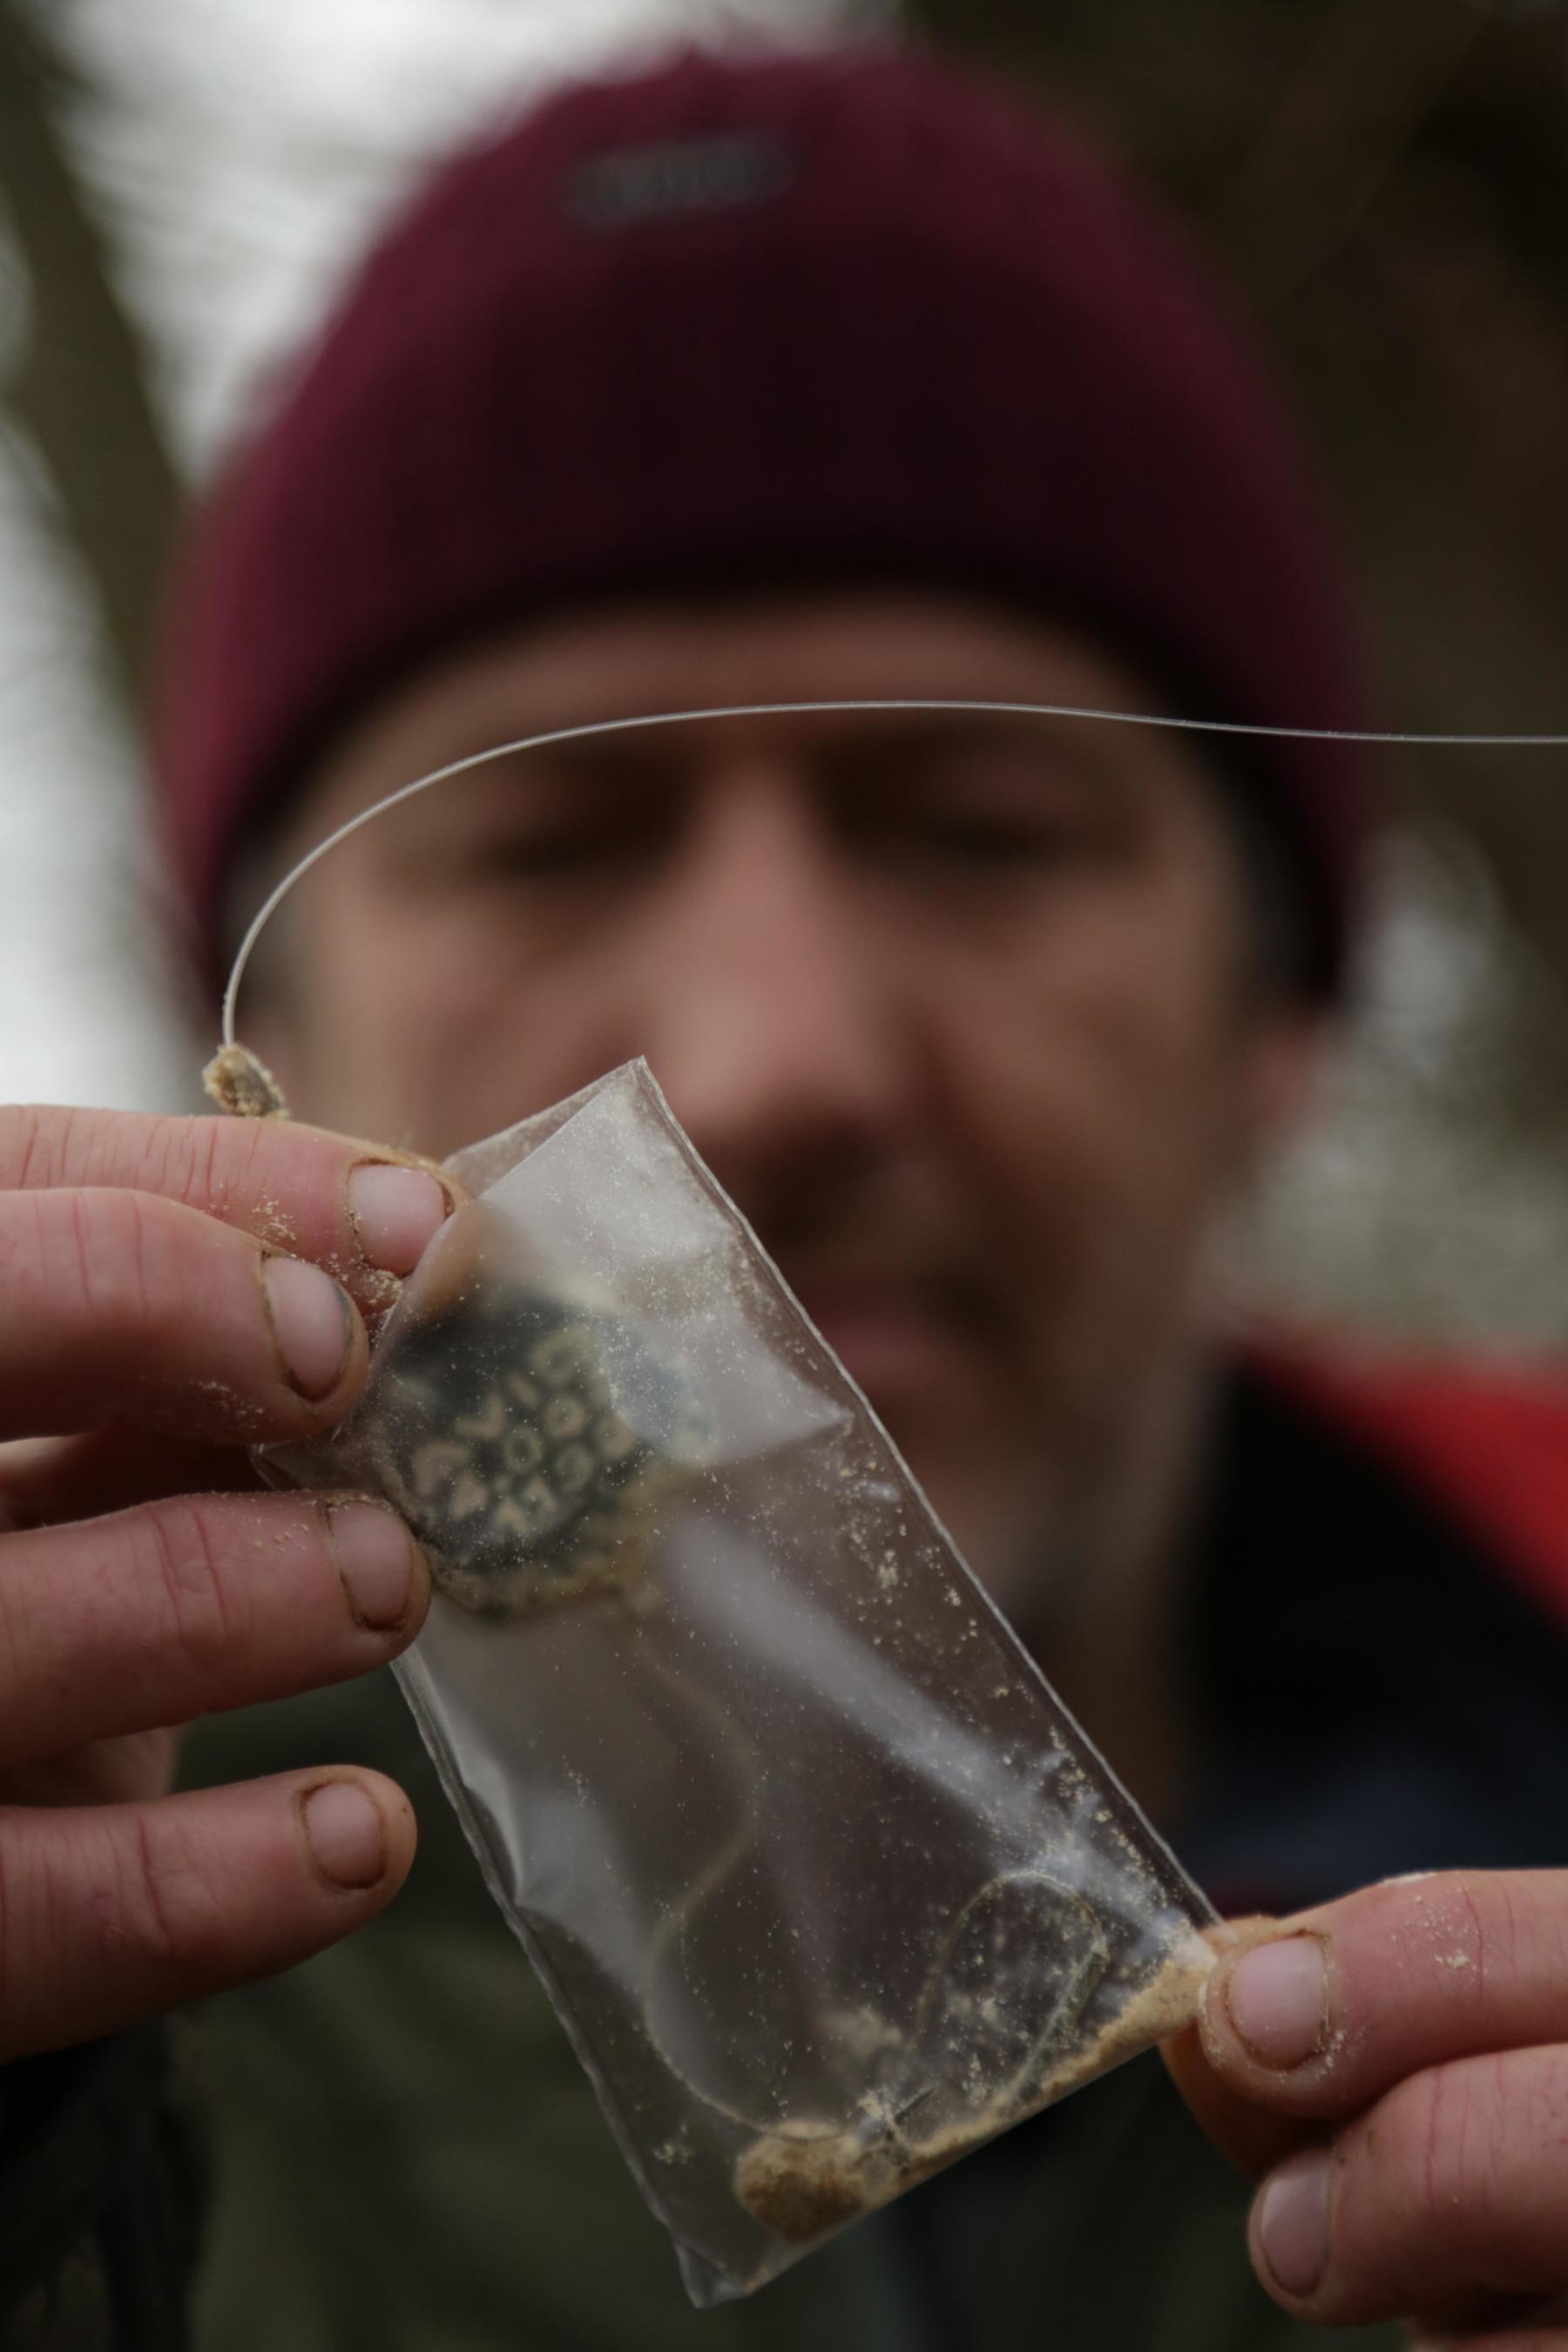 2. Next add a few 3mm Bloodworm Pellets.